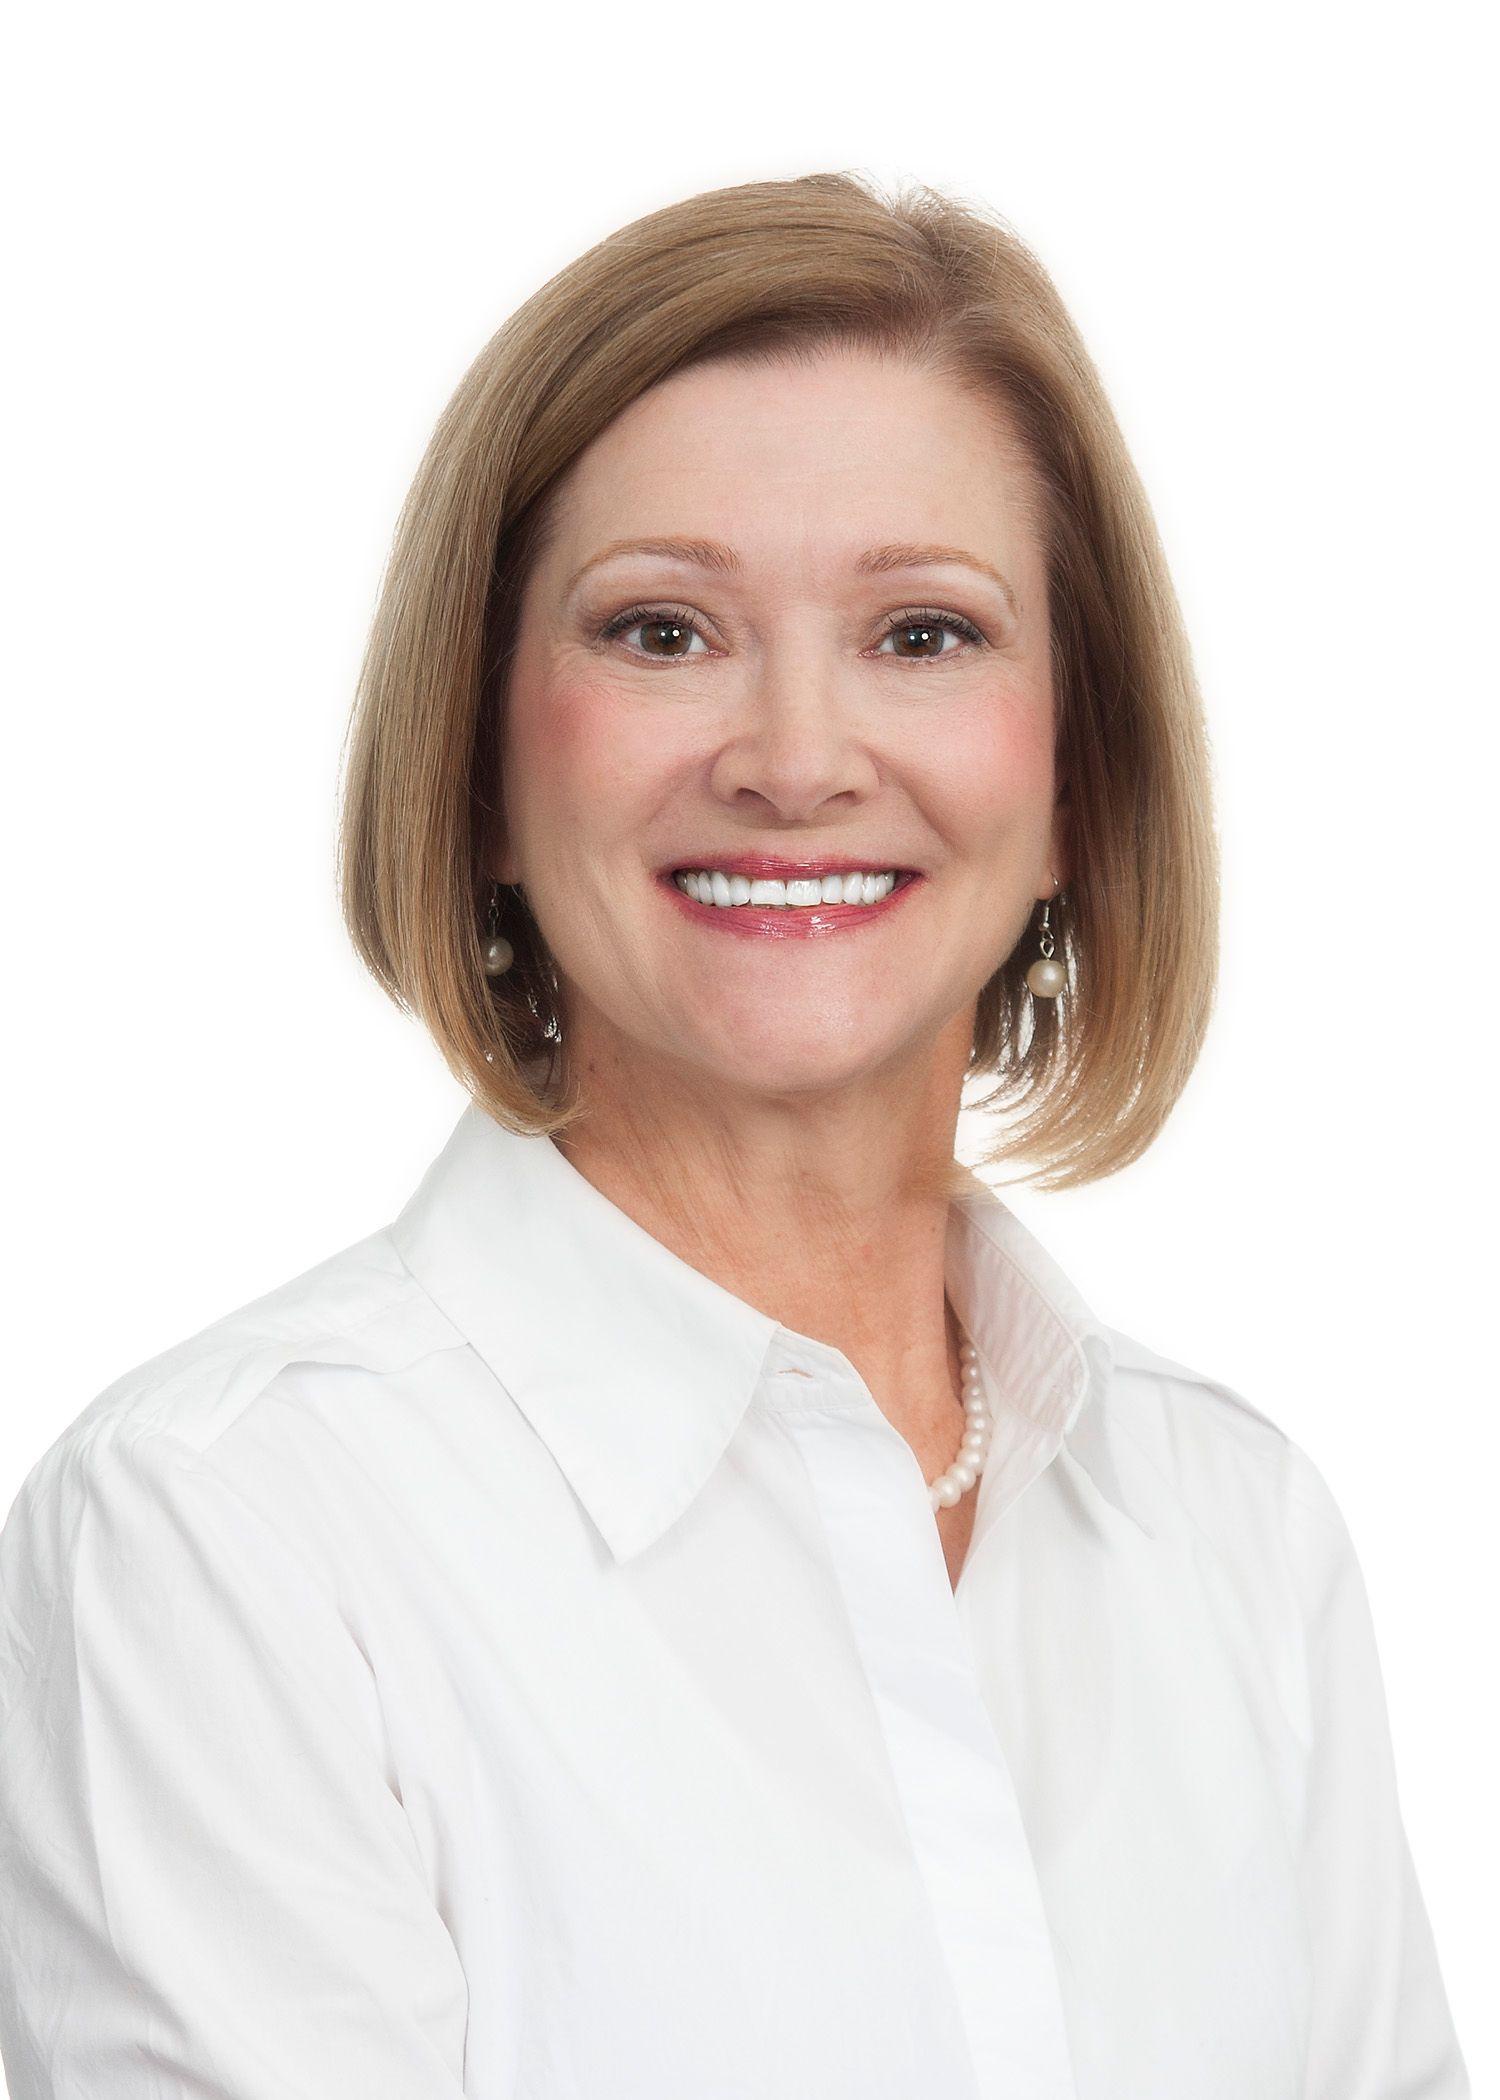 Rhonda Lindsey